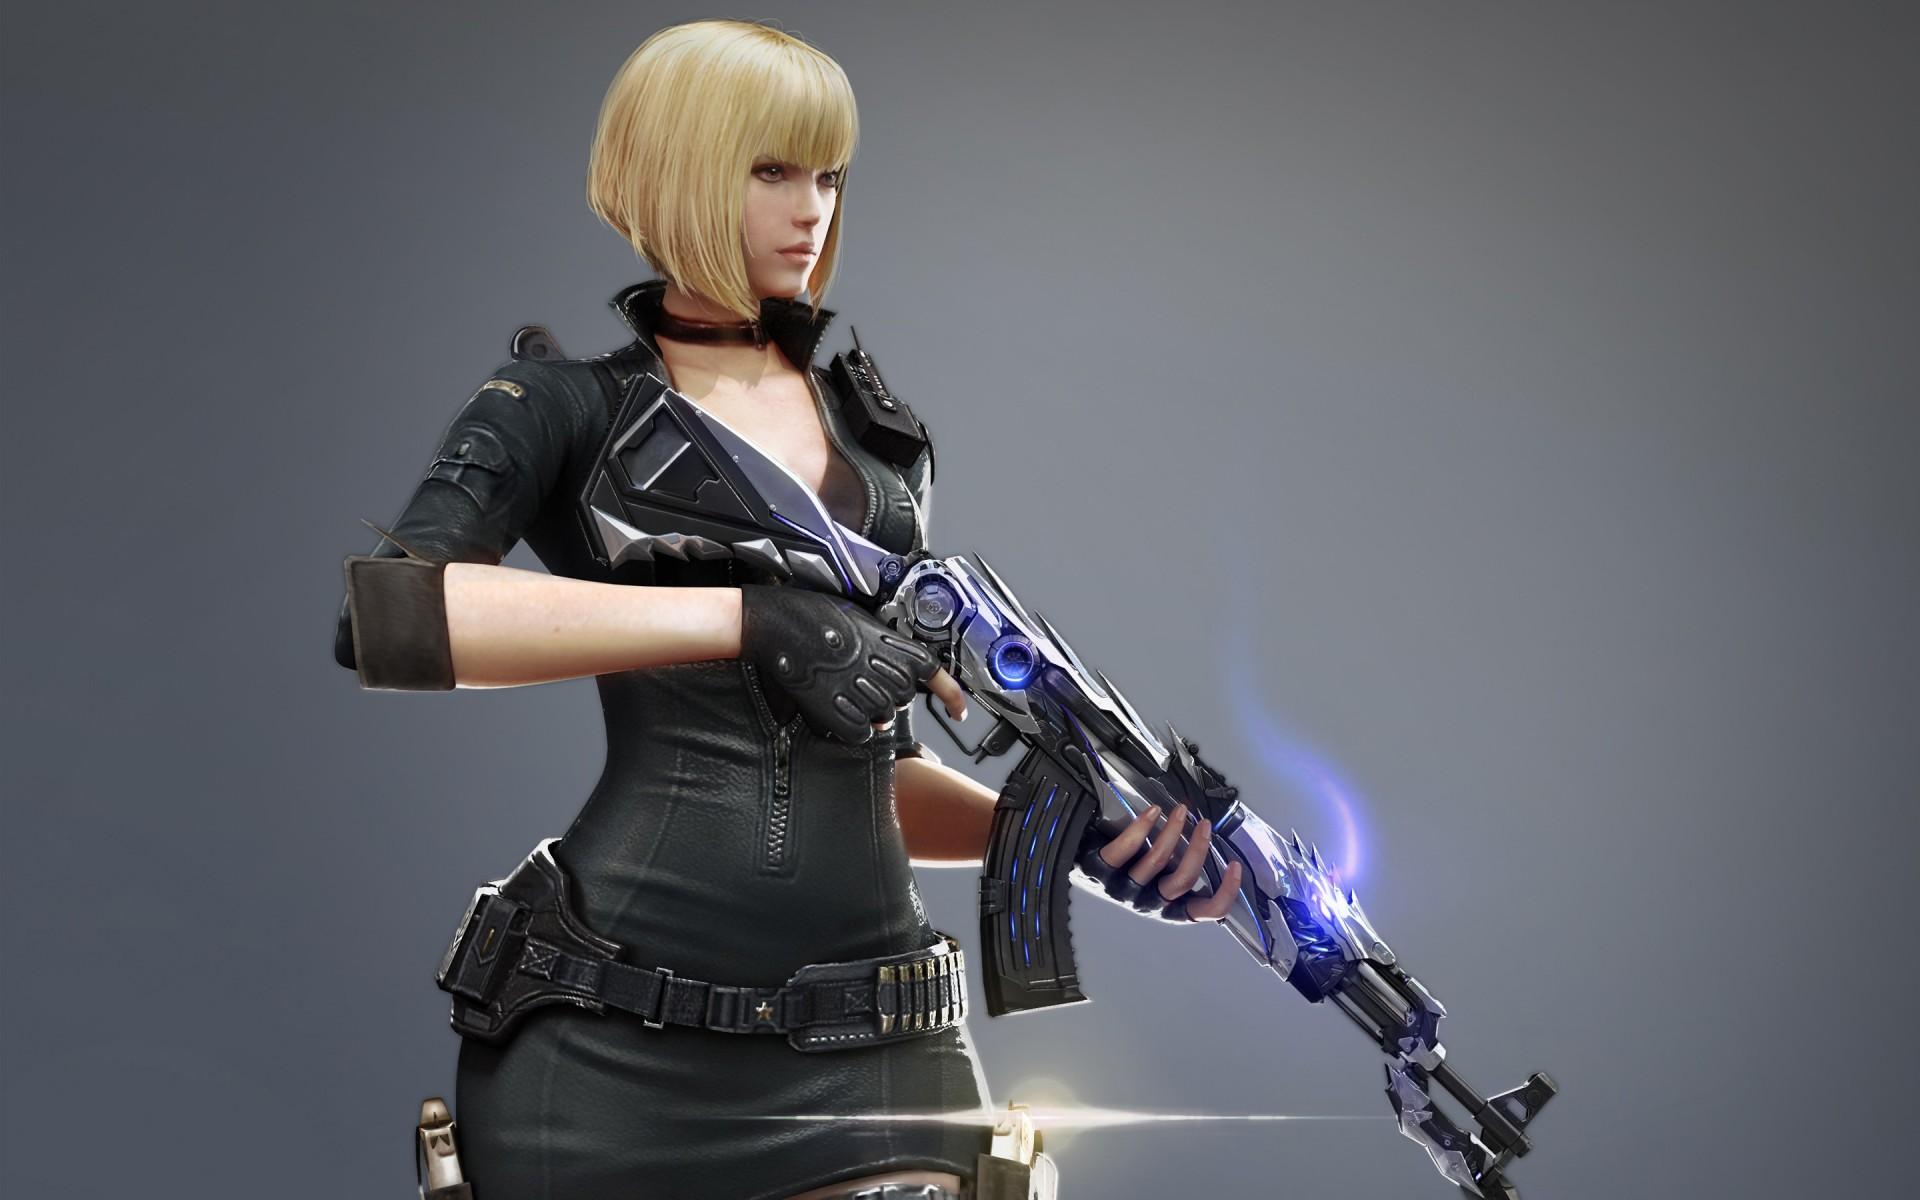 Girl Gun Desktop Wallpaper Cross Fire Jtf Ak 47 Knife Iron Beast Wallpapers Hd